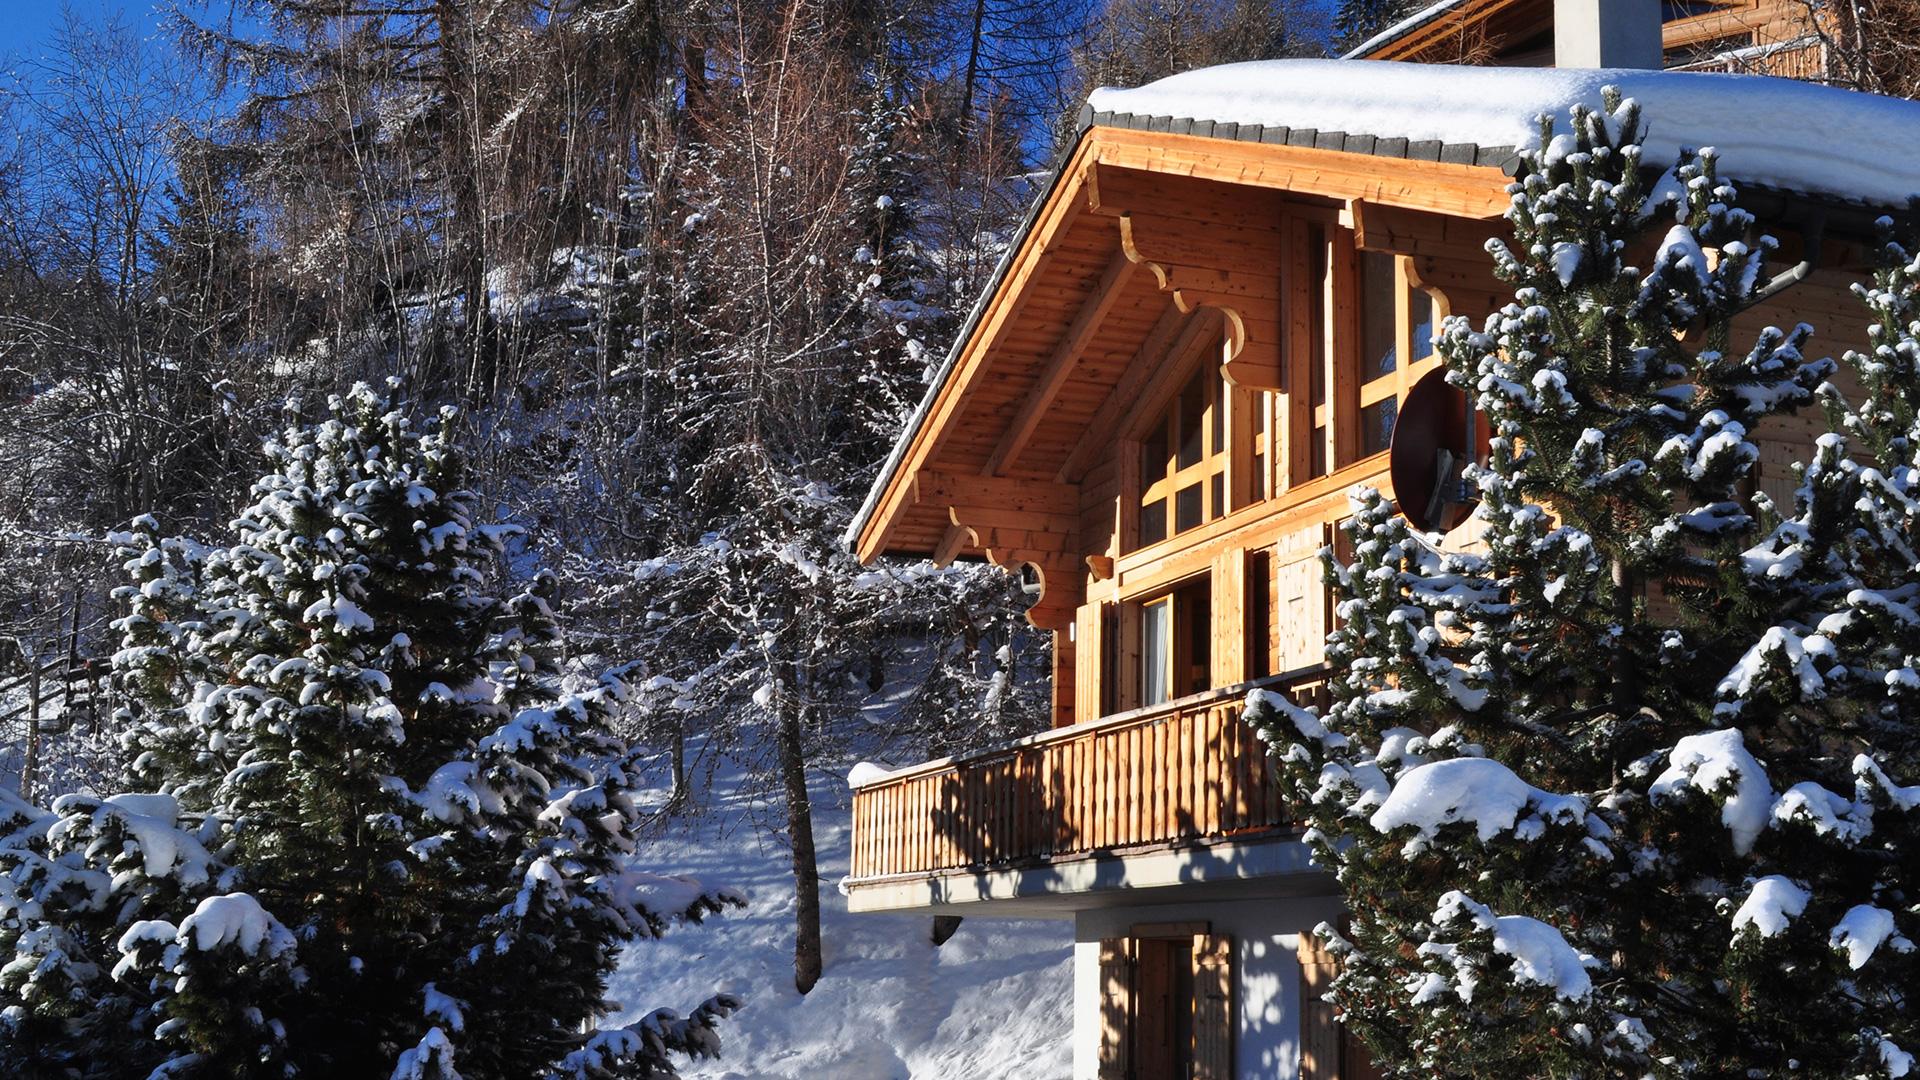 Belair & L'Oison Chalet, Switzerland